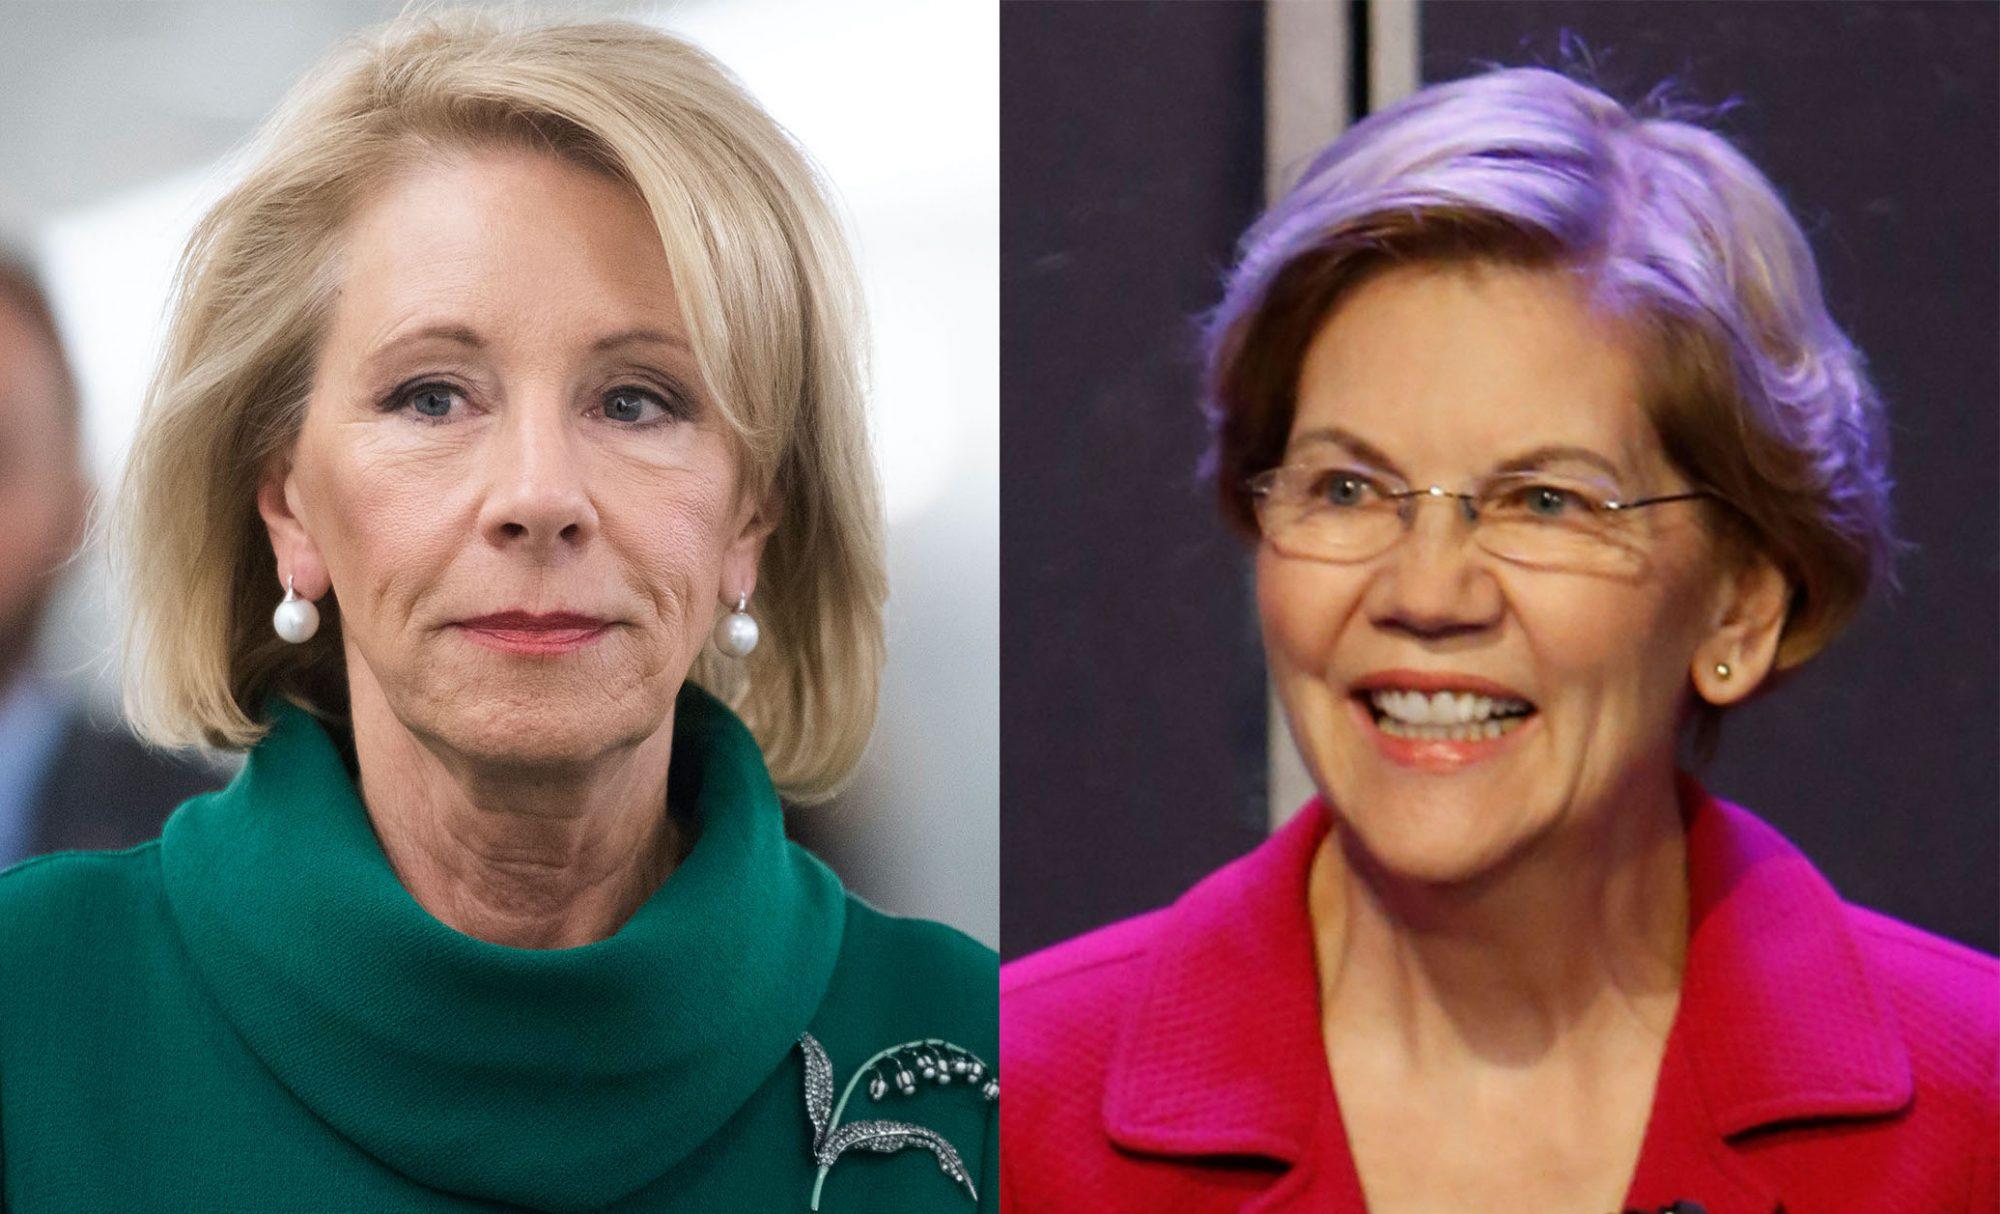 Betsy DeVos and Elizabeth Warren